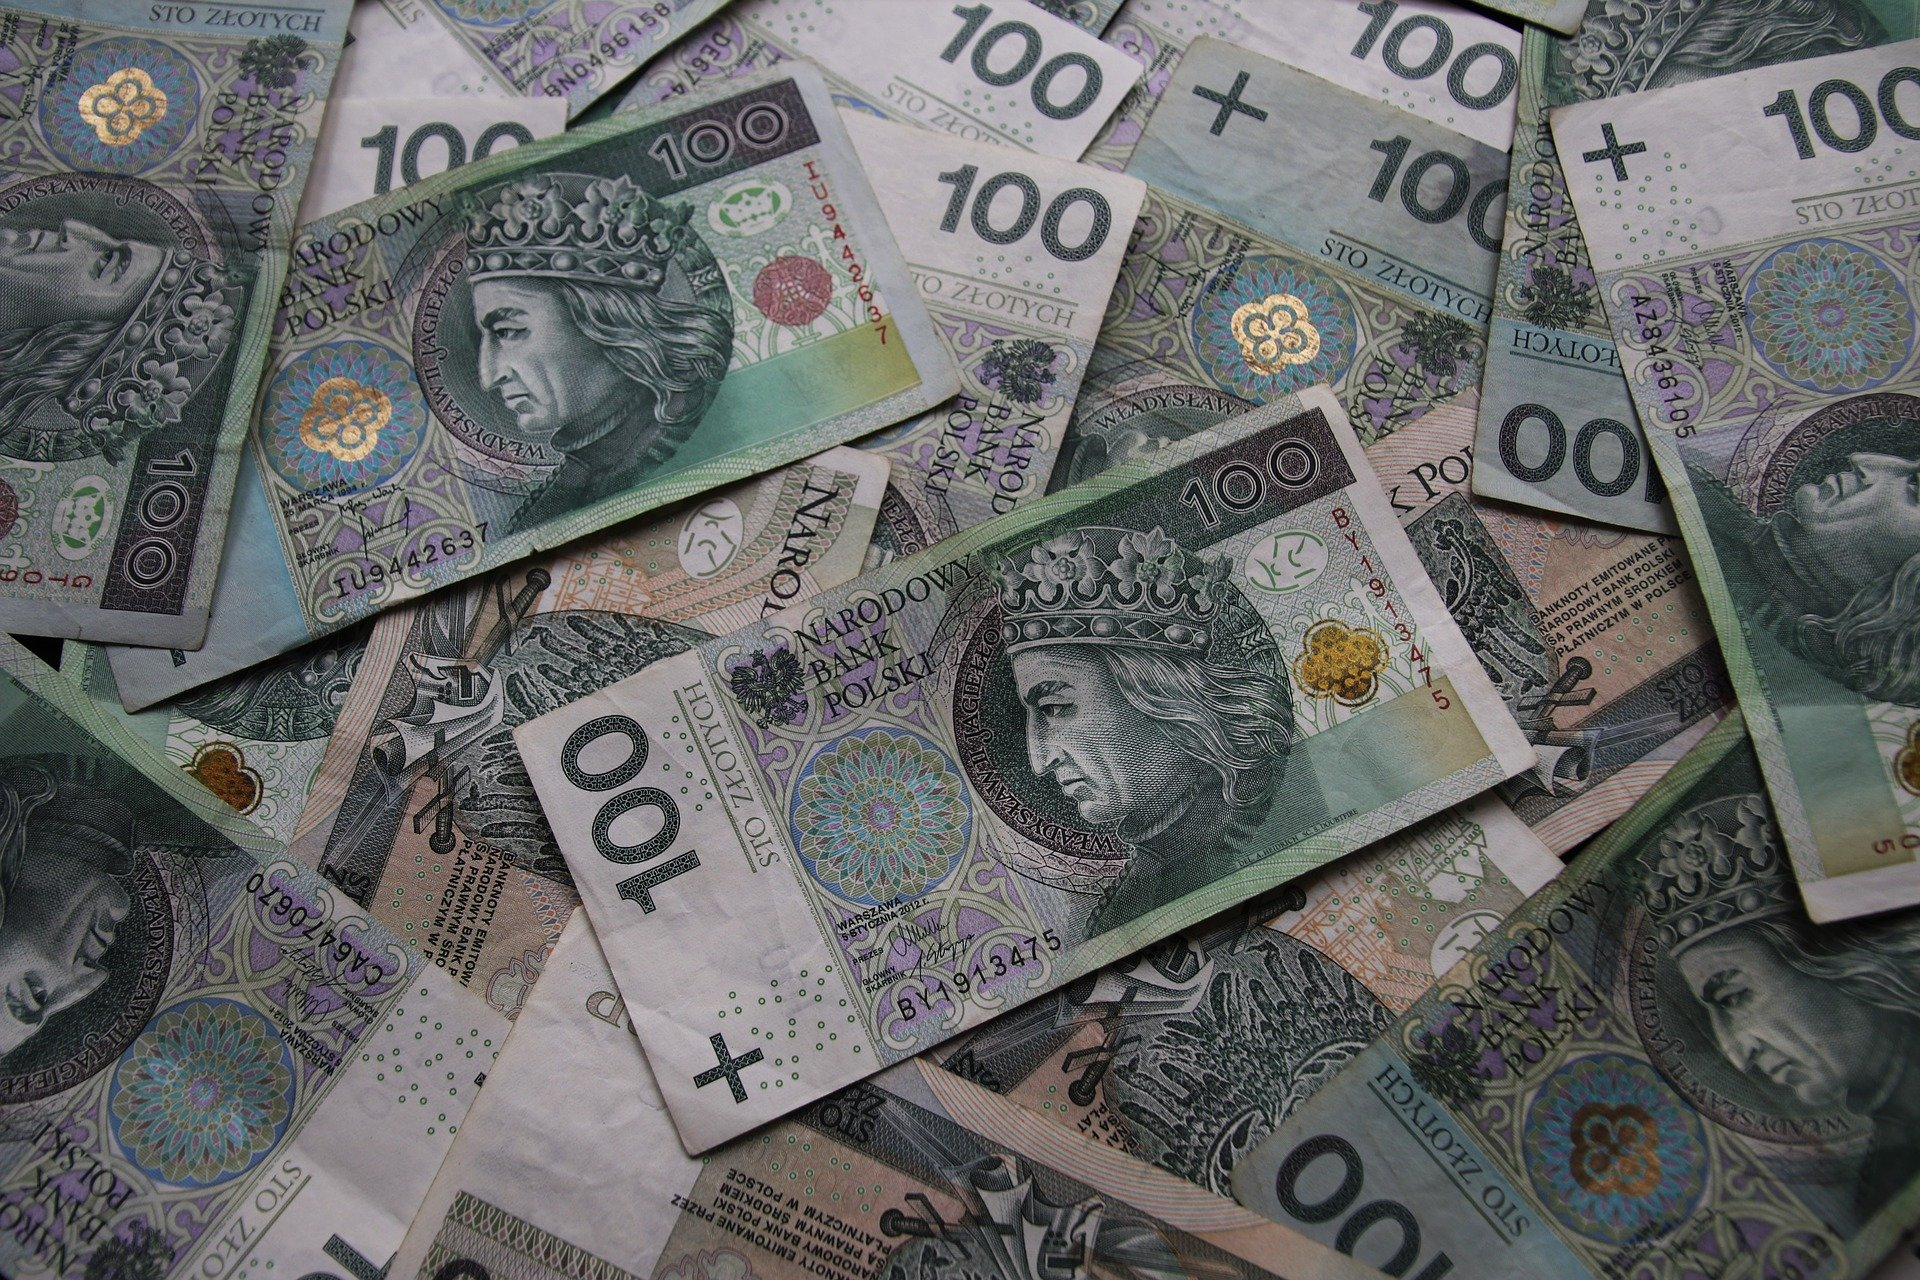 Borowa zdecyduje o pieniądzach - Zdjęcie główne